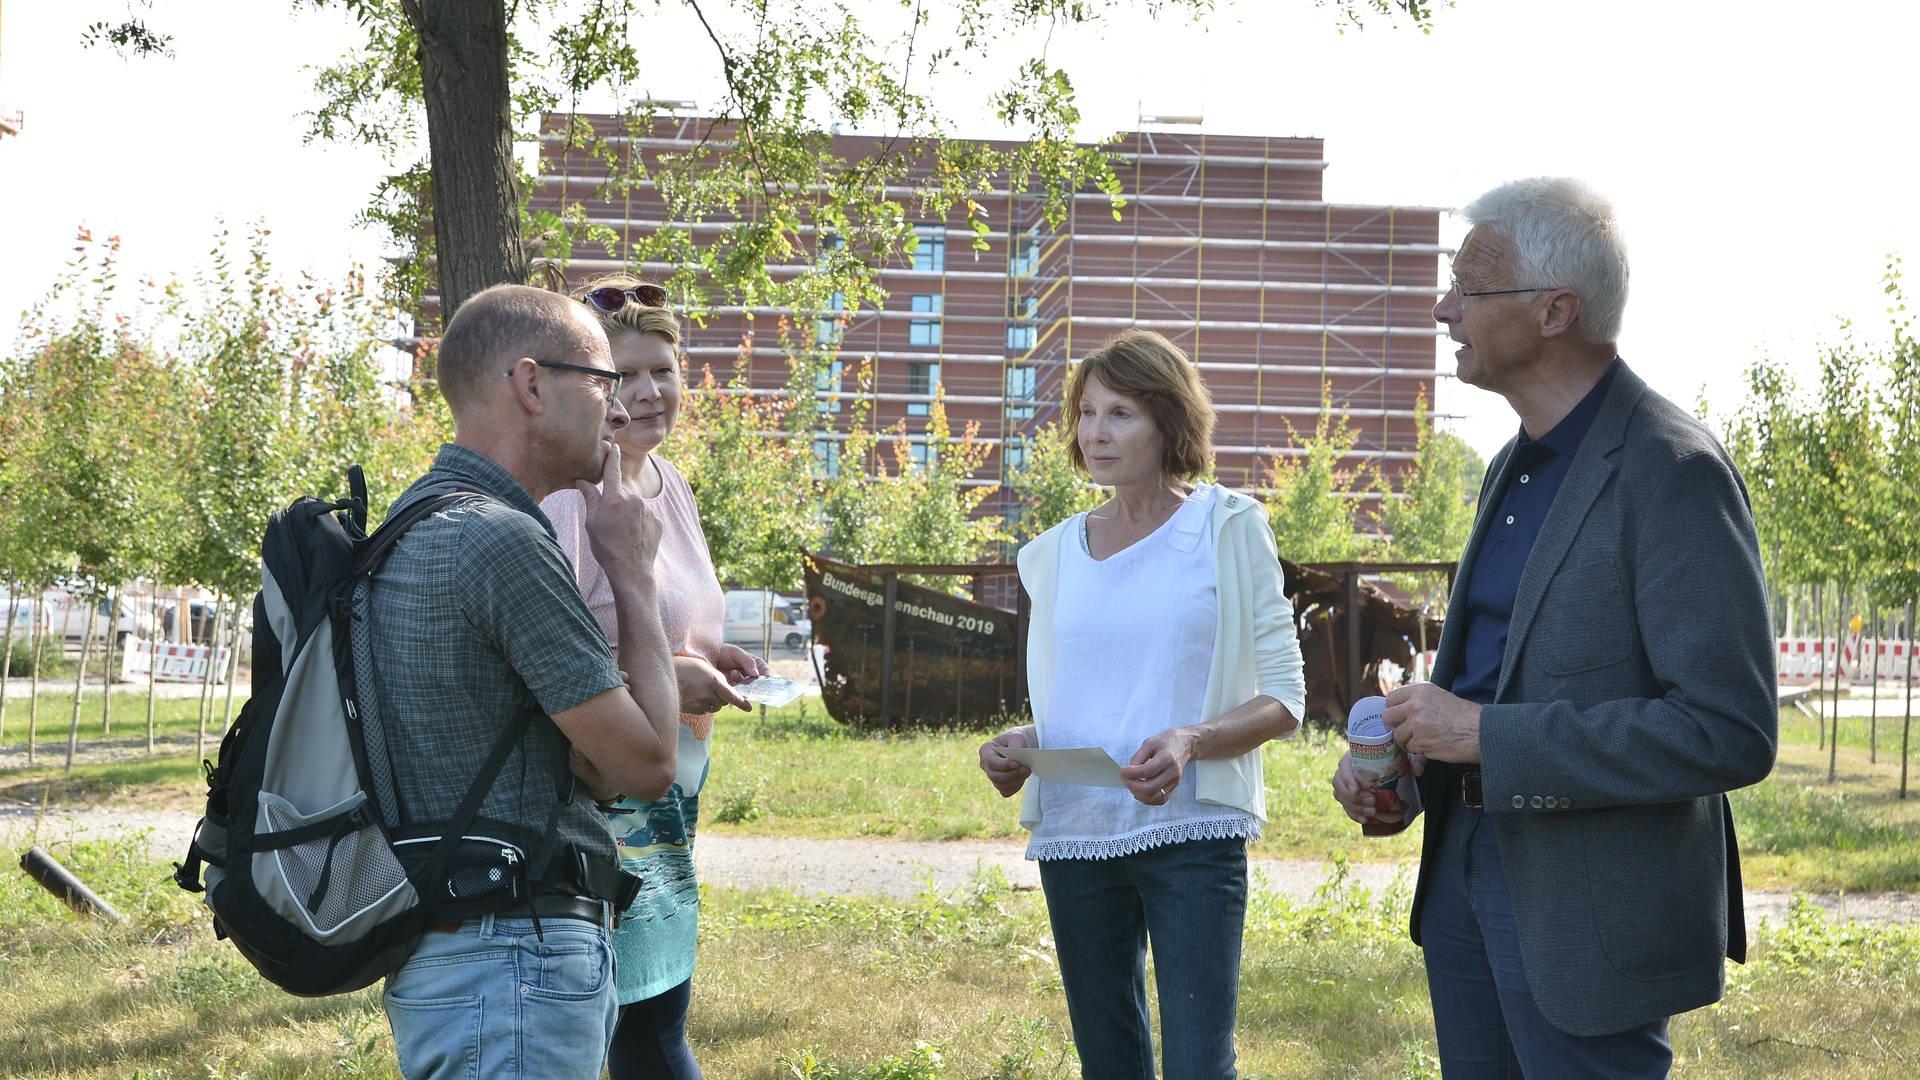 SWR Reporter Jens Nising im Interview mit Petra Heinzelmann, Annette Geisler und Hartmut Weimann vom BUGA-Freundeskreis